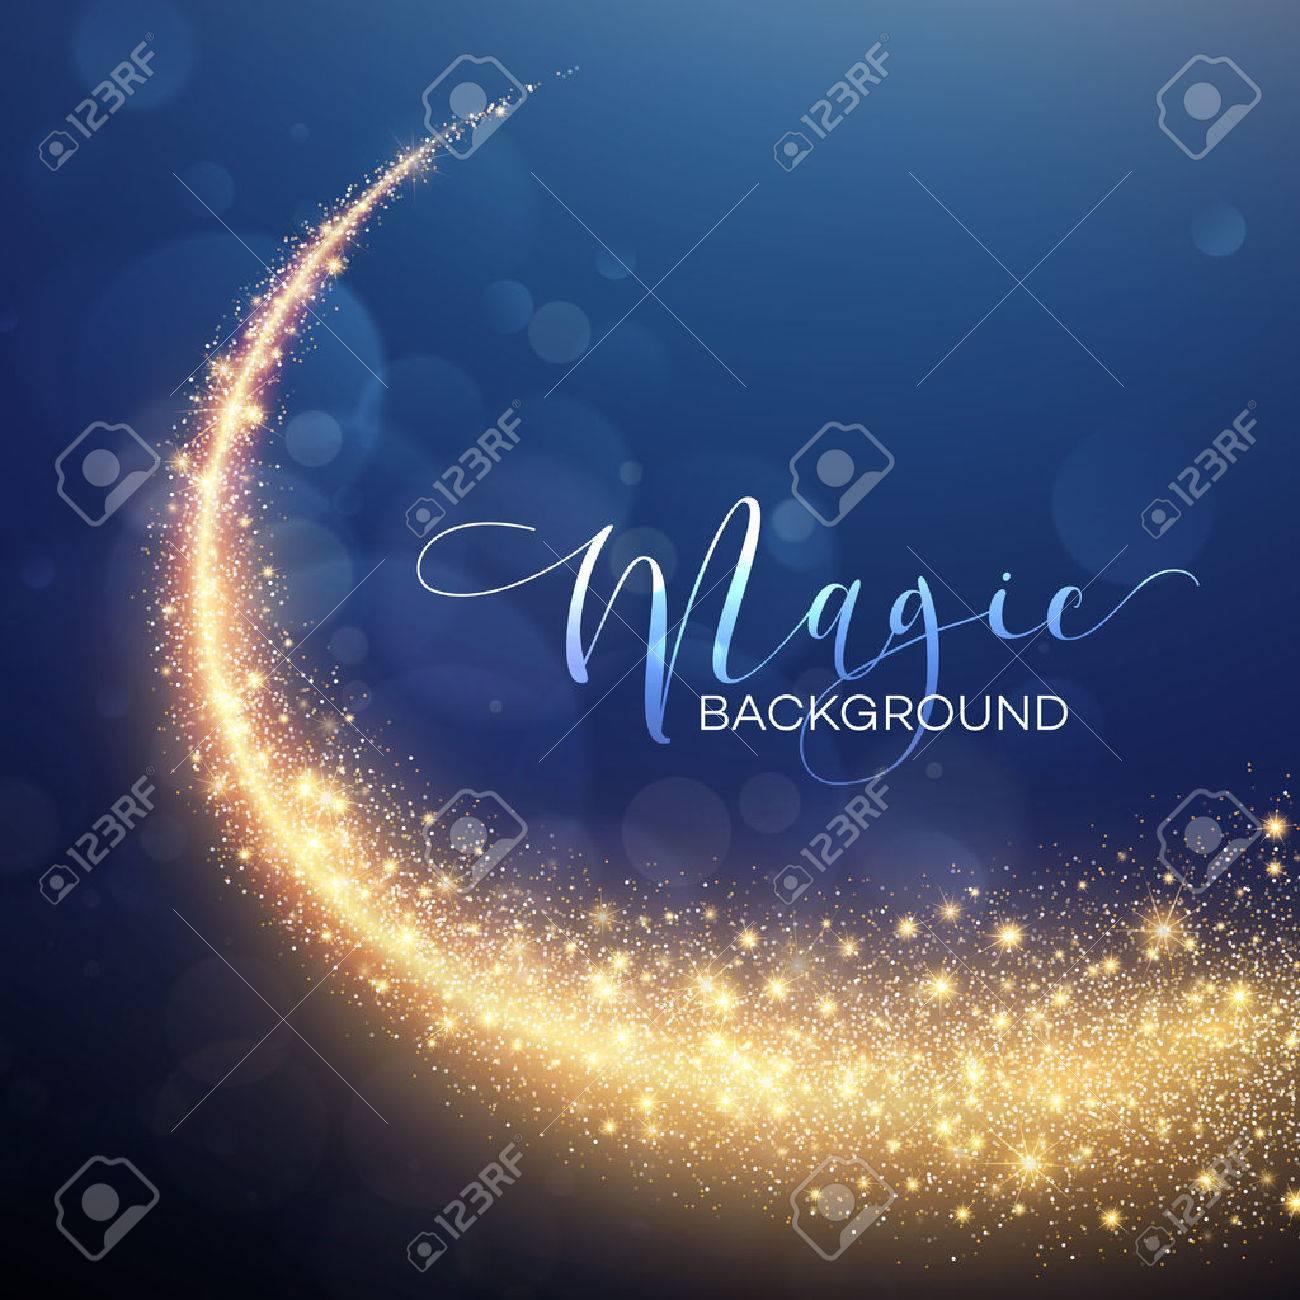 Starry Glitter Trail Background. Vector illustration EPS10 - 50526863